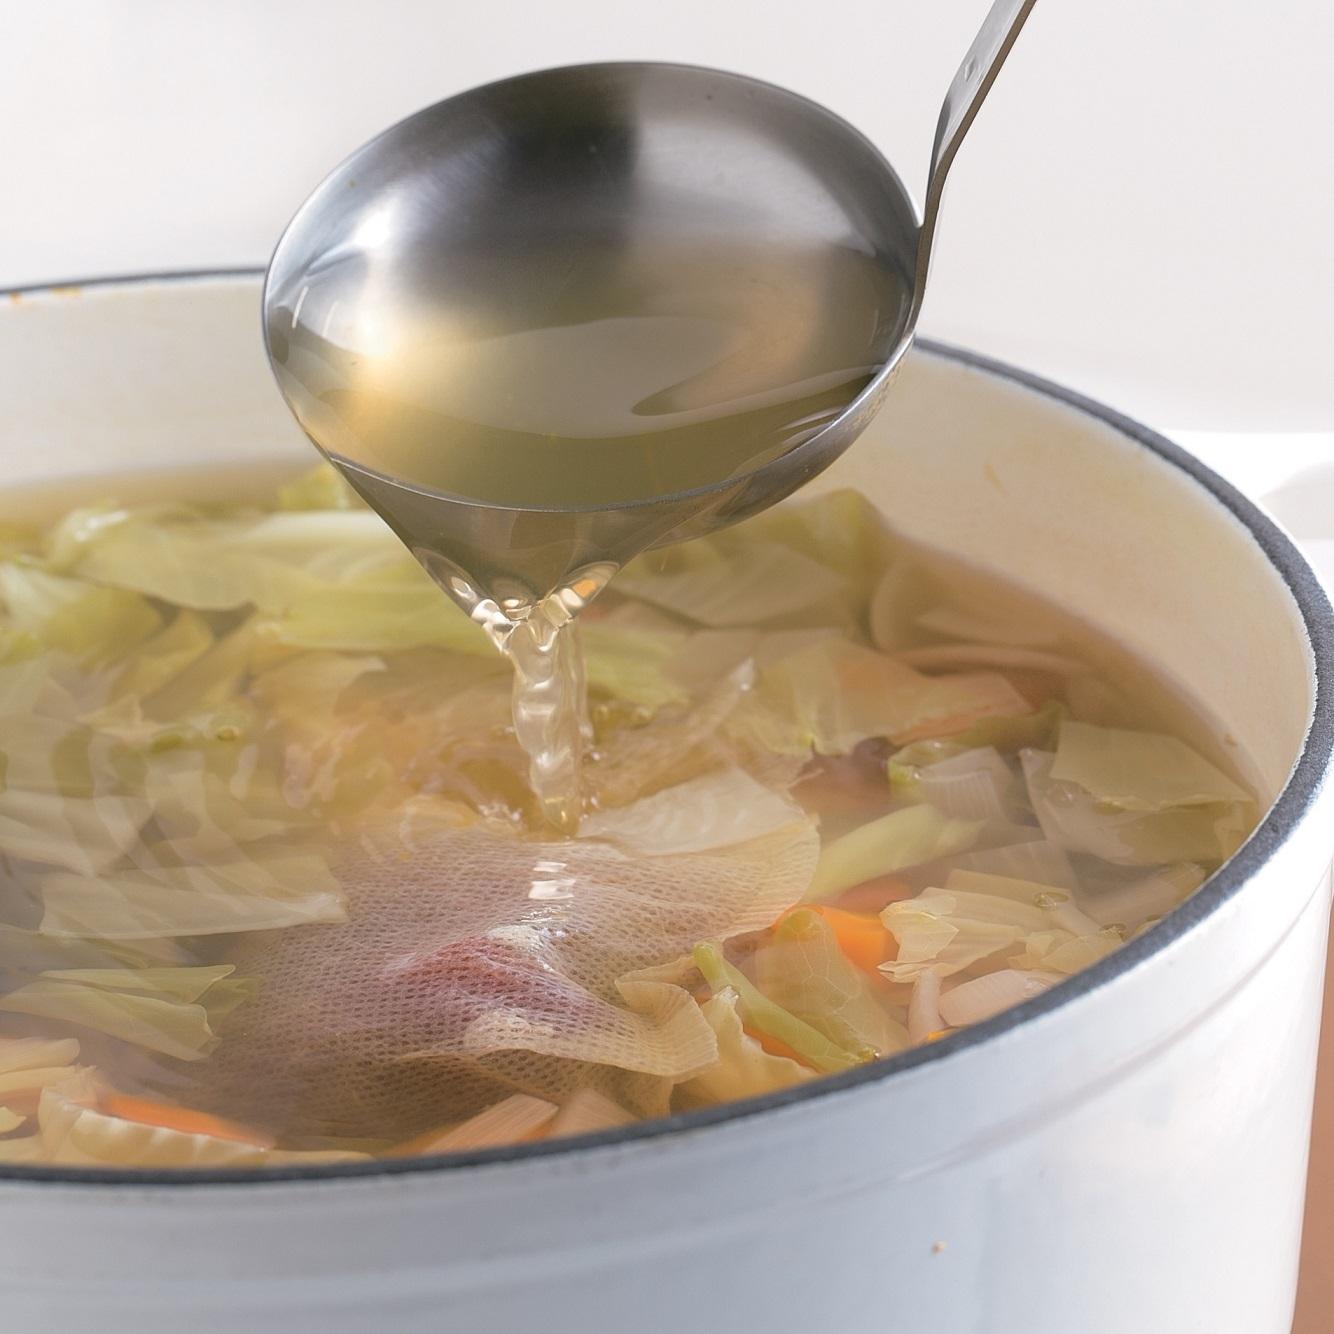 代謝アップ・デトックスにも! ハーバード式野菜スープで生まれ変わる!